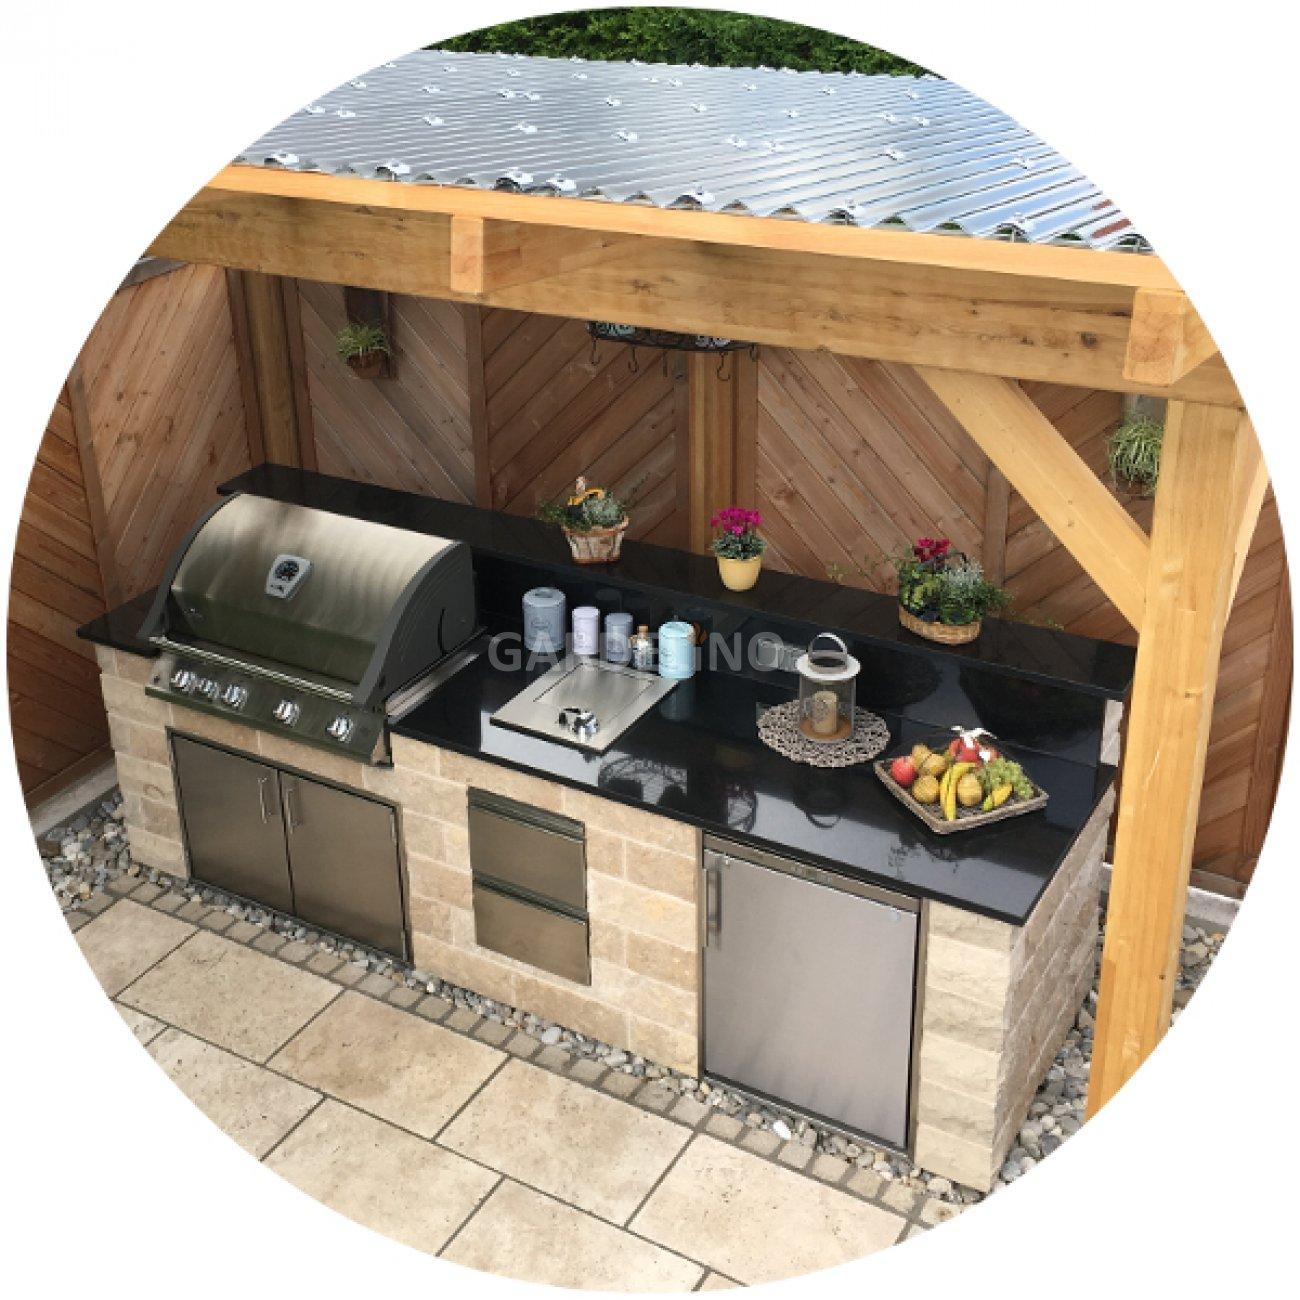 Bau- und Kundenberichte zu Outdoorküche & Co.